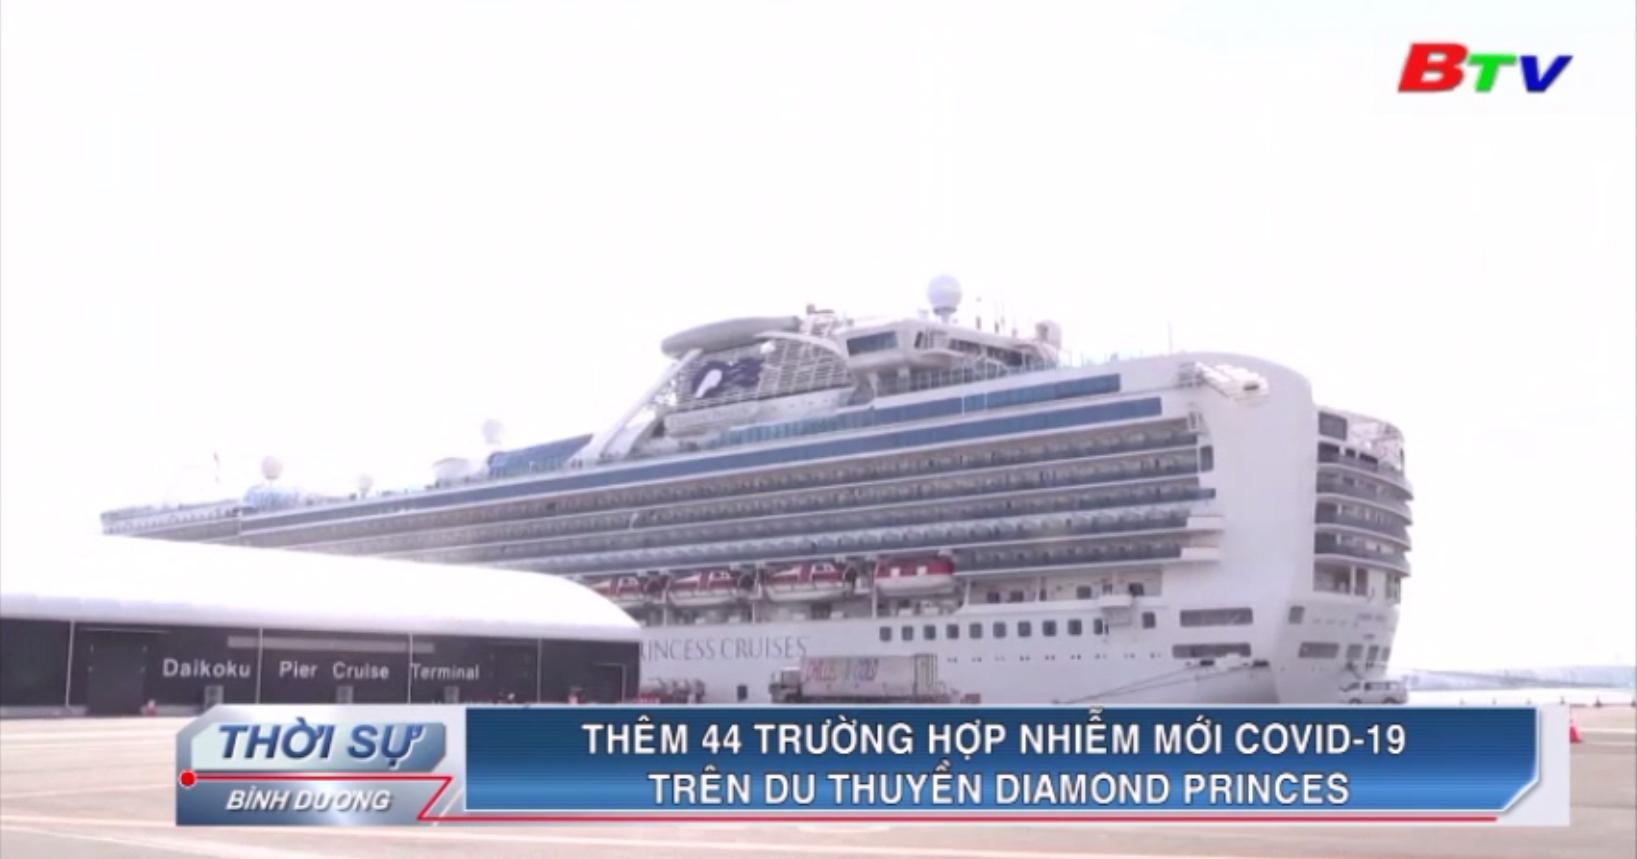 Thêm 44 trường hợp nhiễm mới Covid-19 trên du thuyền Diamond Princess